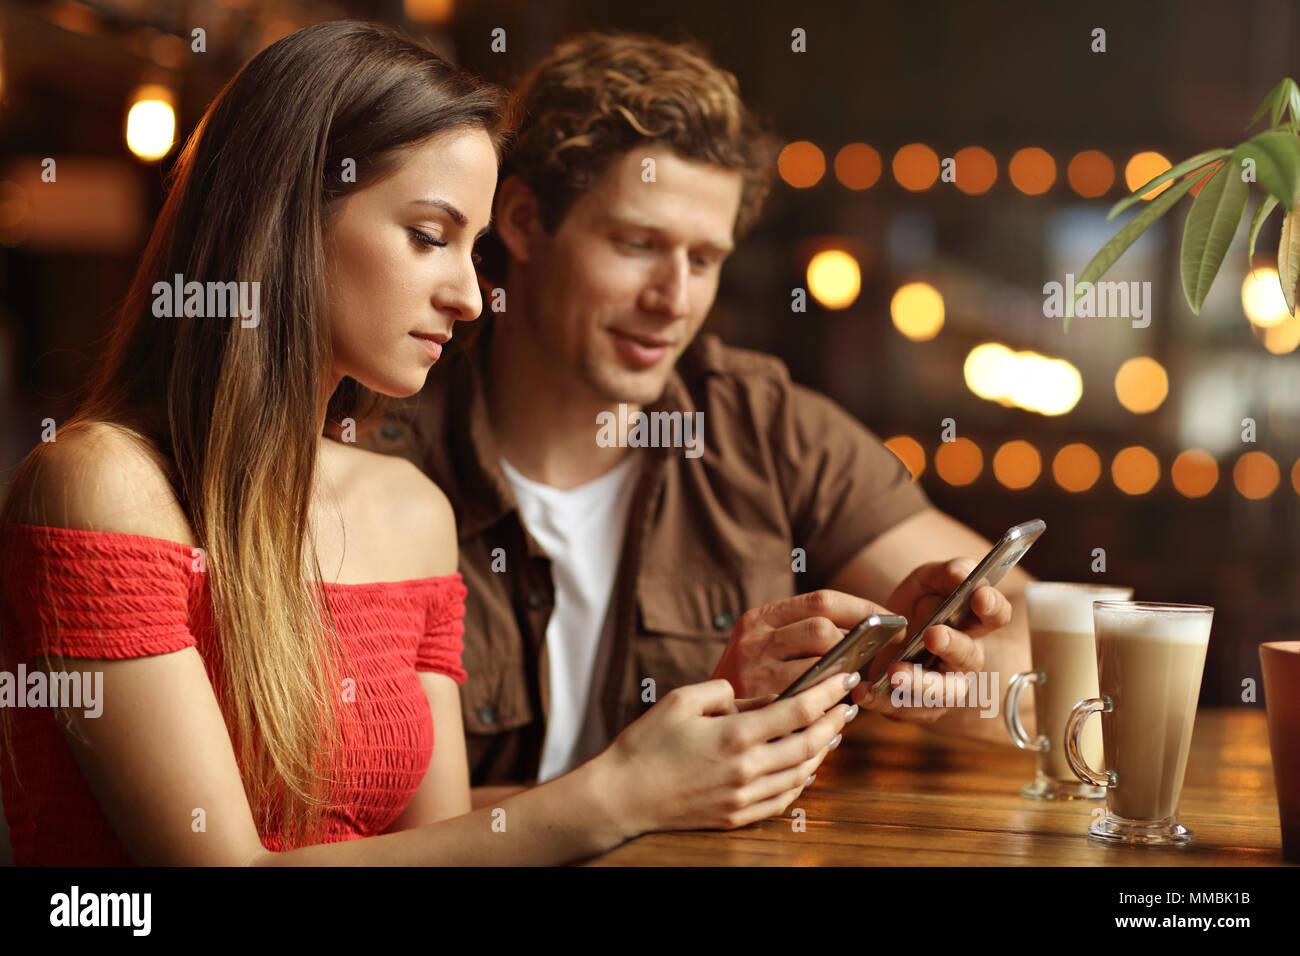 Carino coppia su una data presso il cafe Immagini Stock